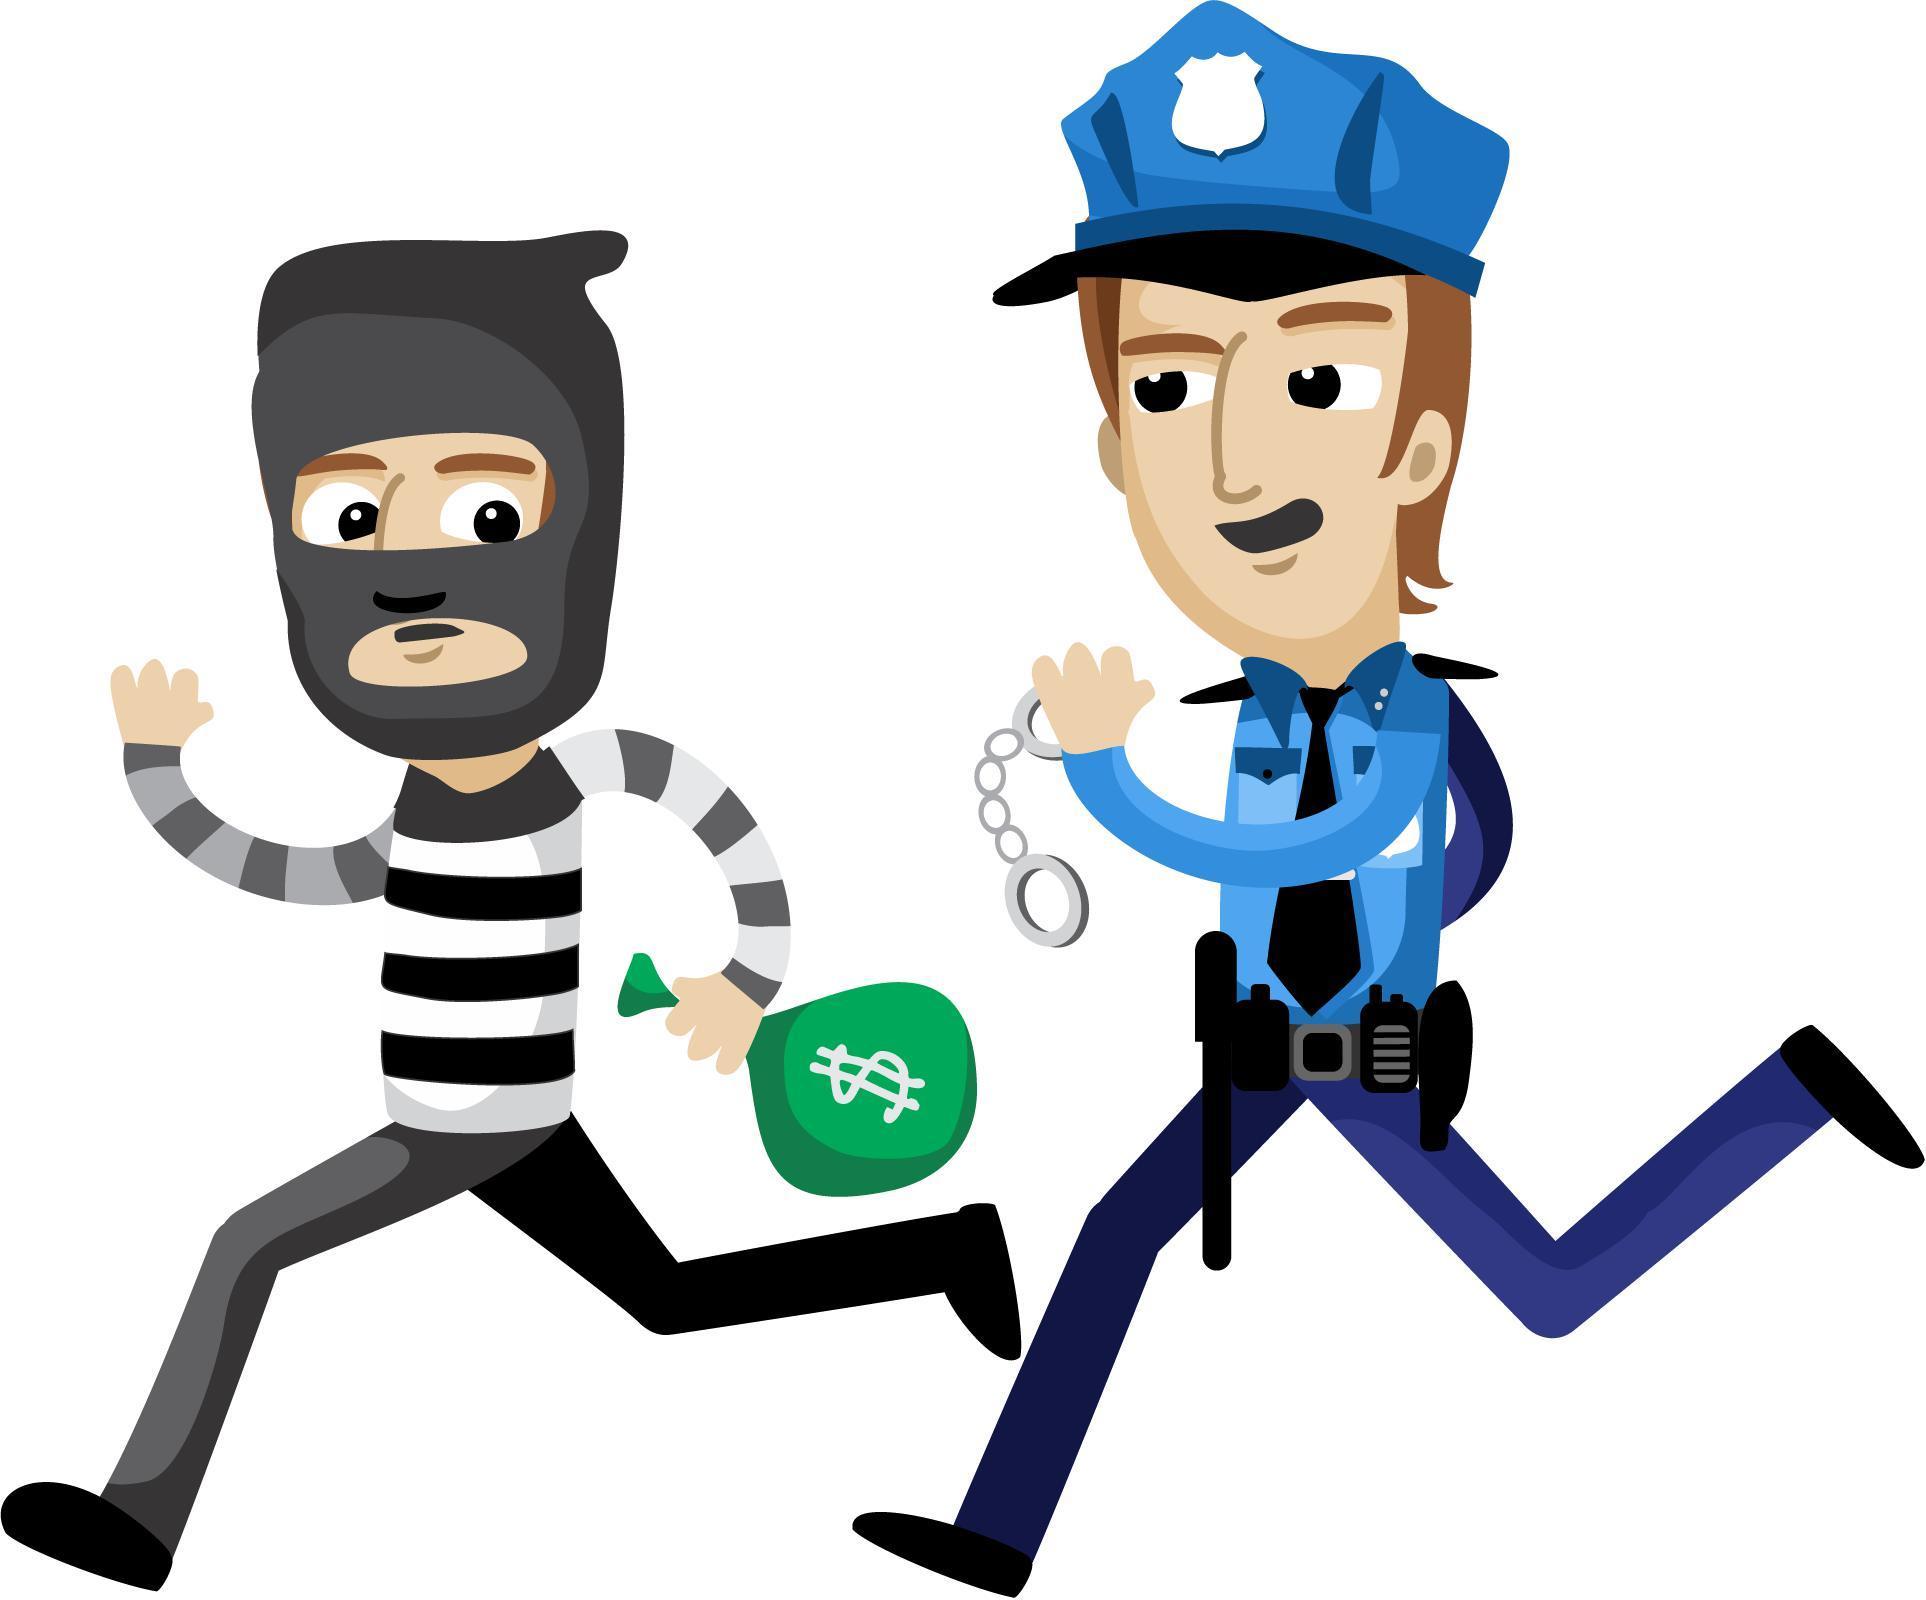 小偷漫画图片